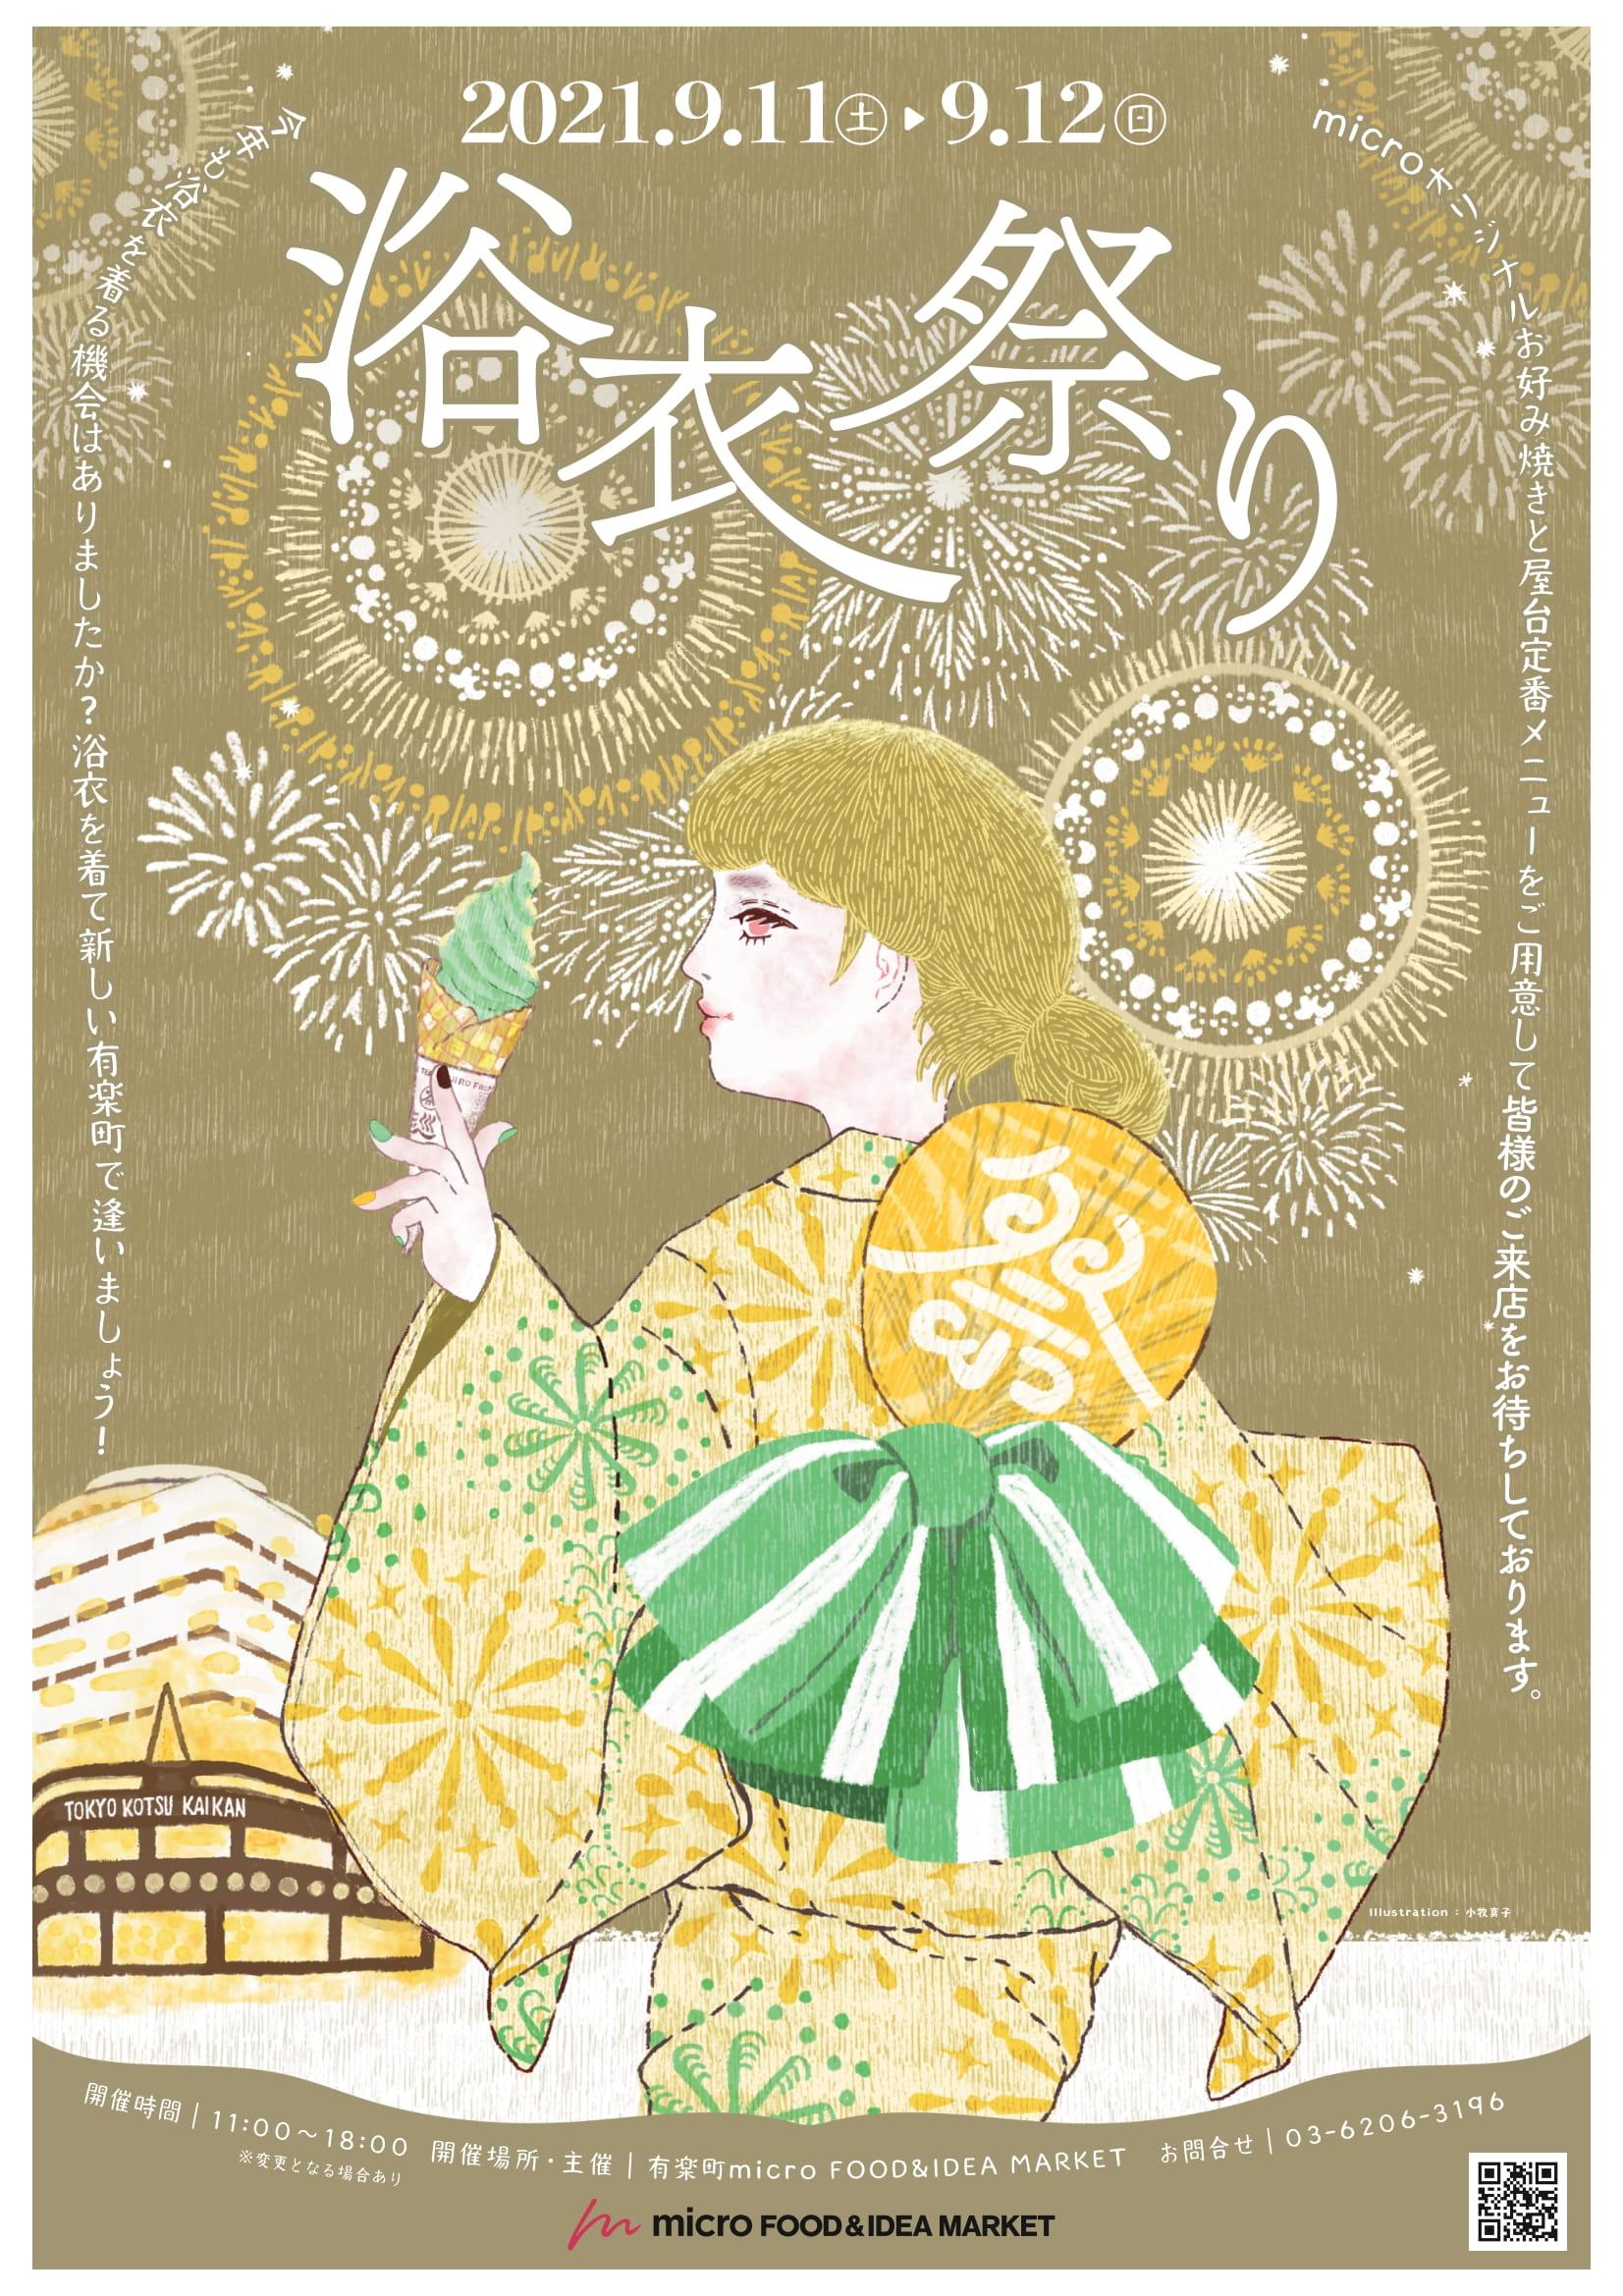 浴衣で有楽町を楽しもう!『有楽町micro浴衣祭り』開催!(2021/9/11-12)のイメージ画像